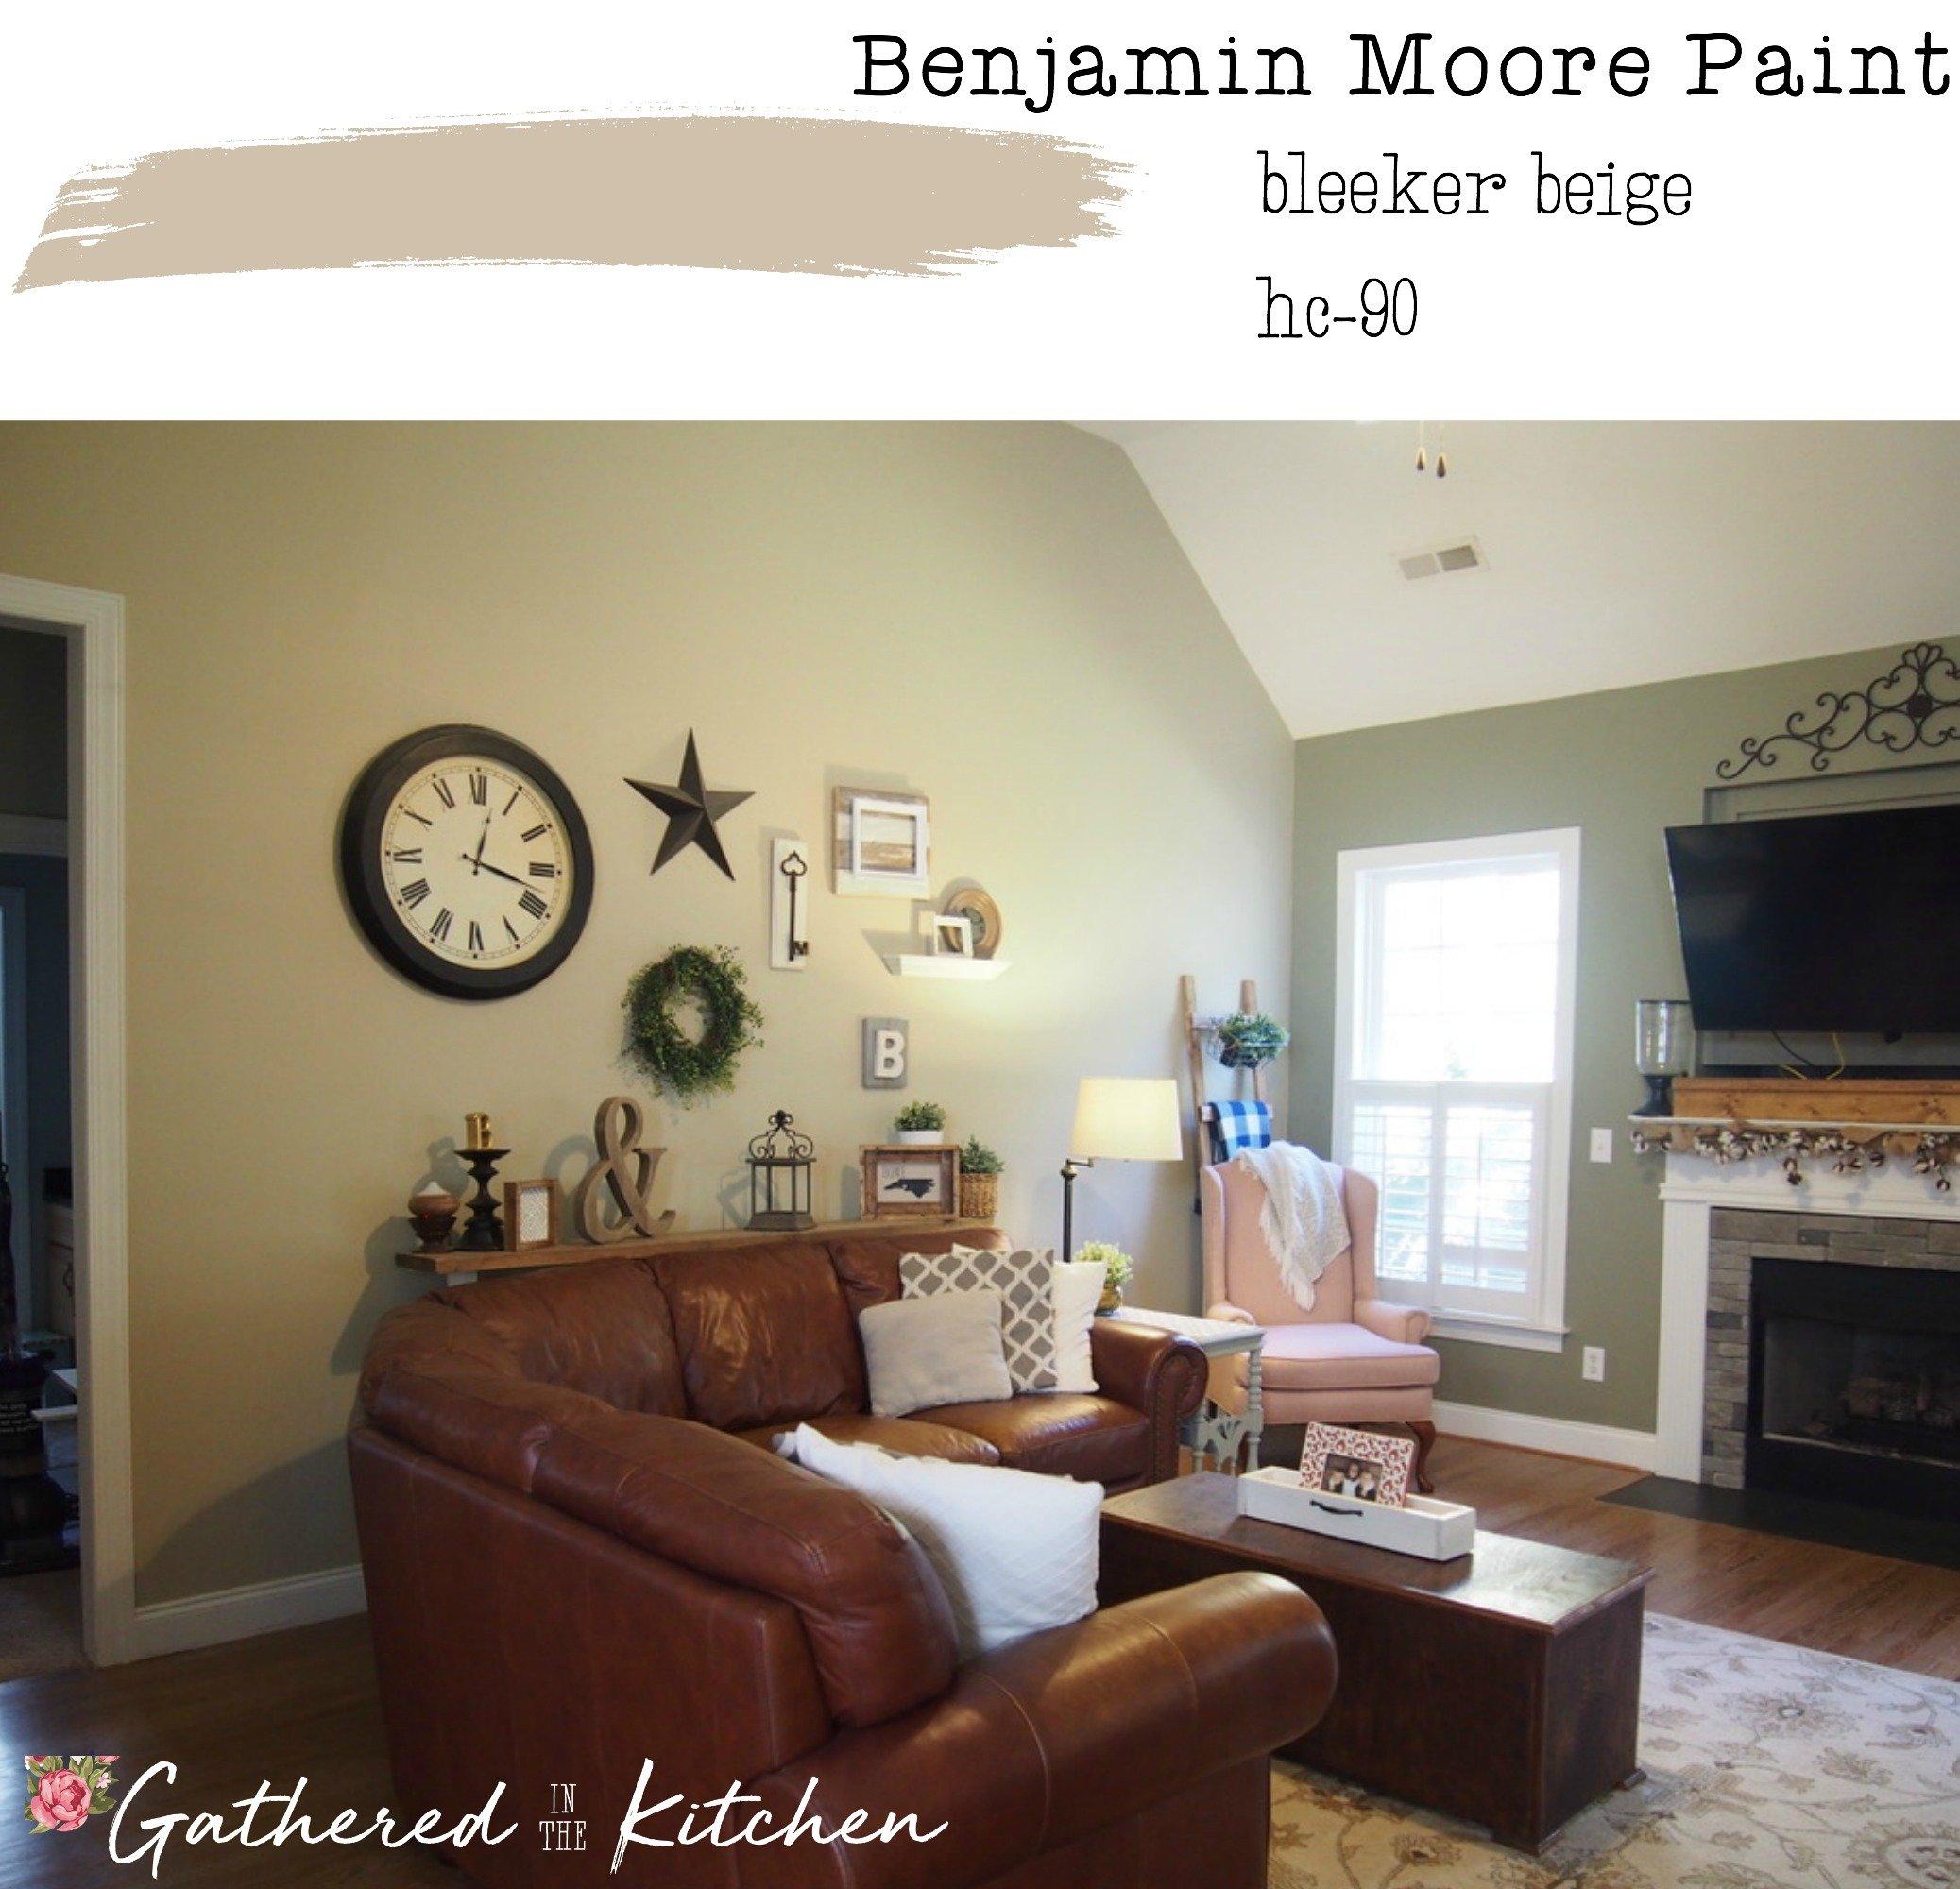 Benjamin Moore Paint Bleeker Beige Hc